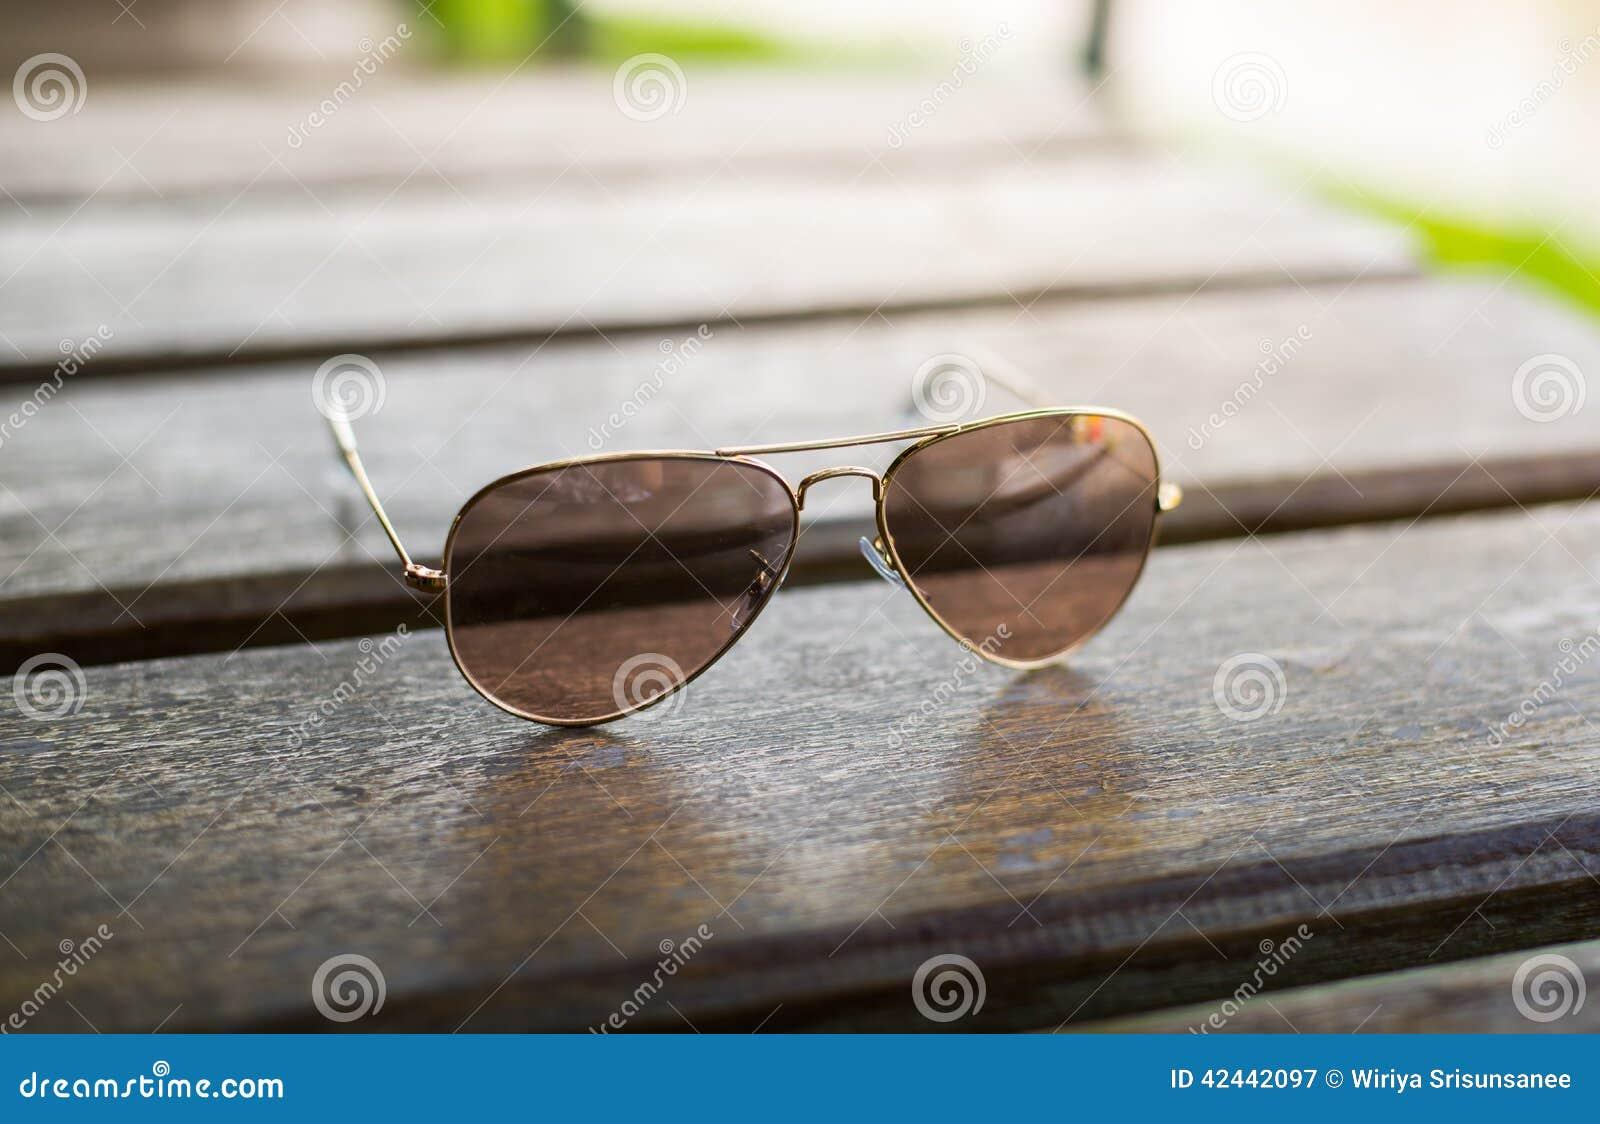 Gafas de sol tipo aviador en una tabla de madera